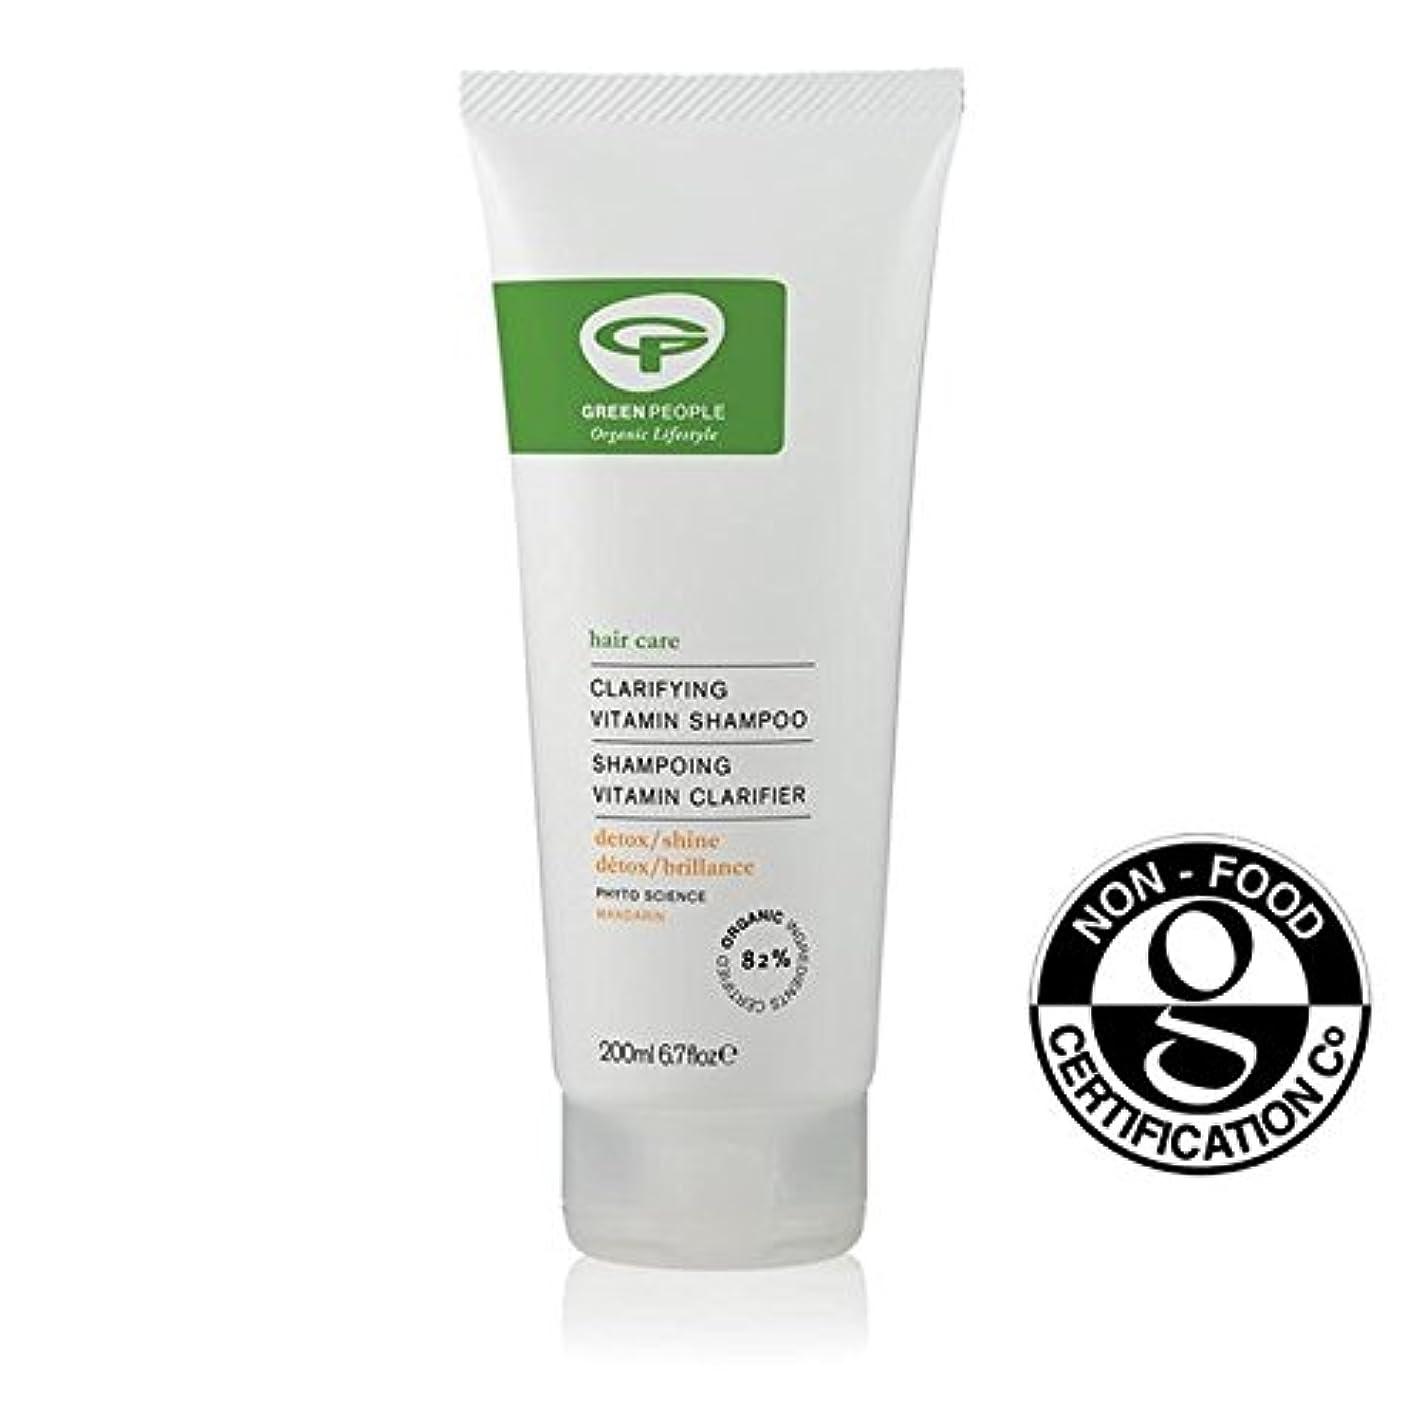 トロピカル投げるサンドイッチ緑の人々の有機明確ビタミンシャンプー200ミリリットル x4 - Green People Organic Clarifying Vitamin Shampoo 200ml (Pack of 4) [並行輸入品]